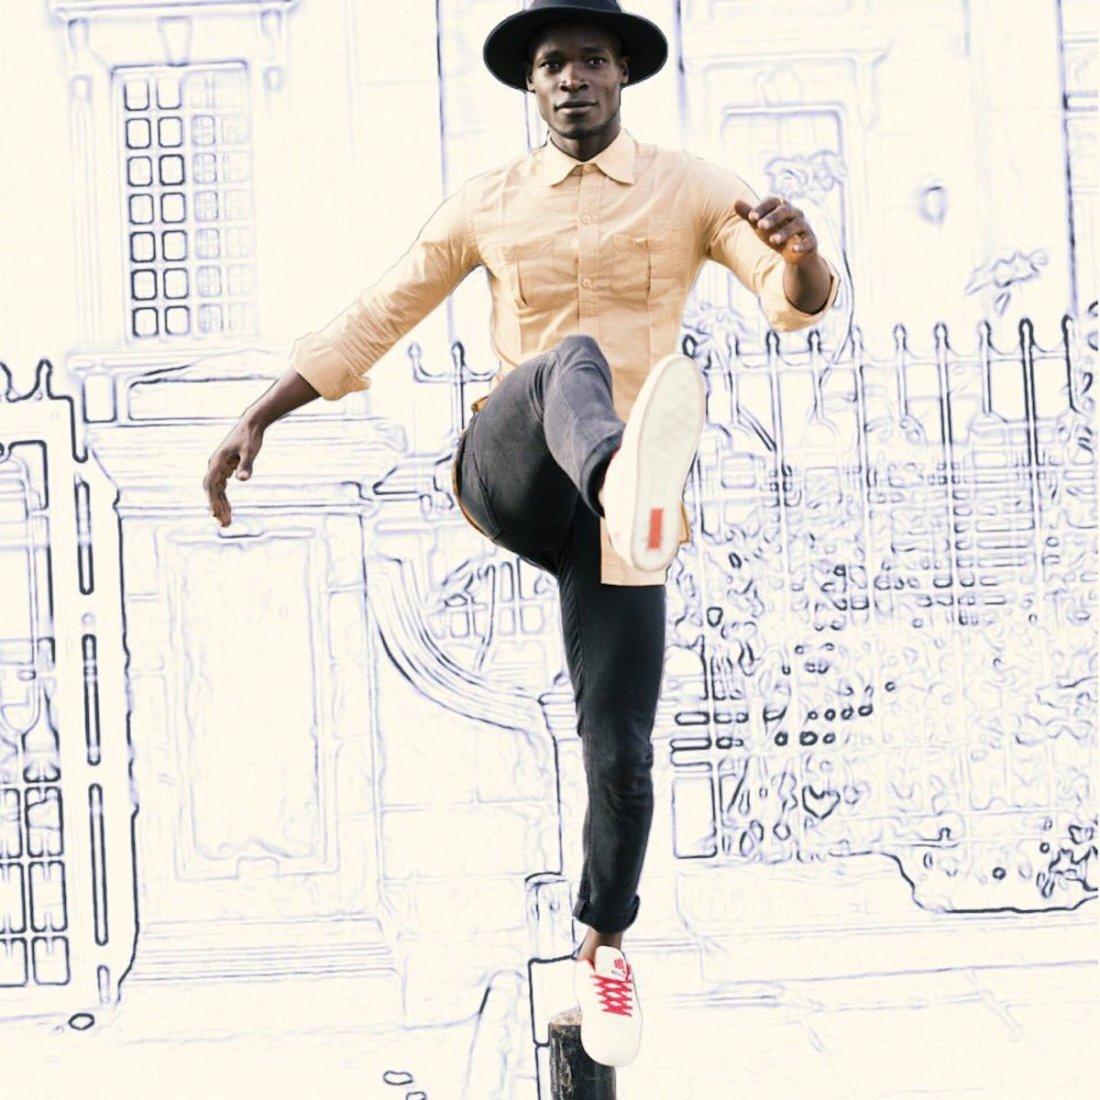 Babajide Ipaye, Keexs, Nigerian Fashion, Nigerian Entrepreneur, KOLUMN Magazine, KOLUMN